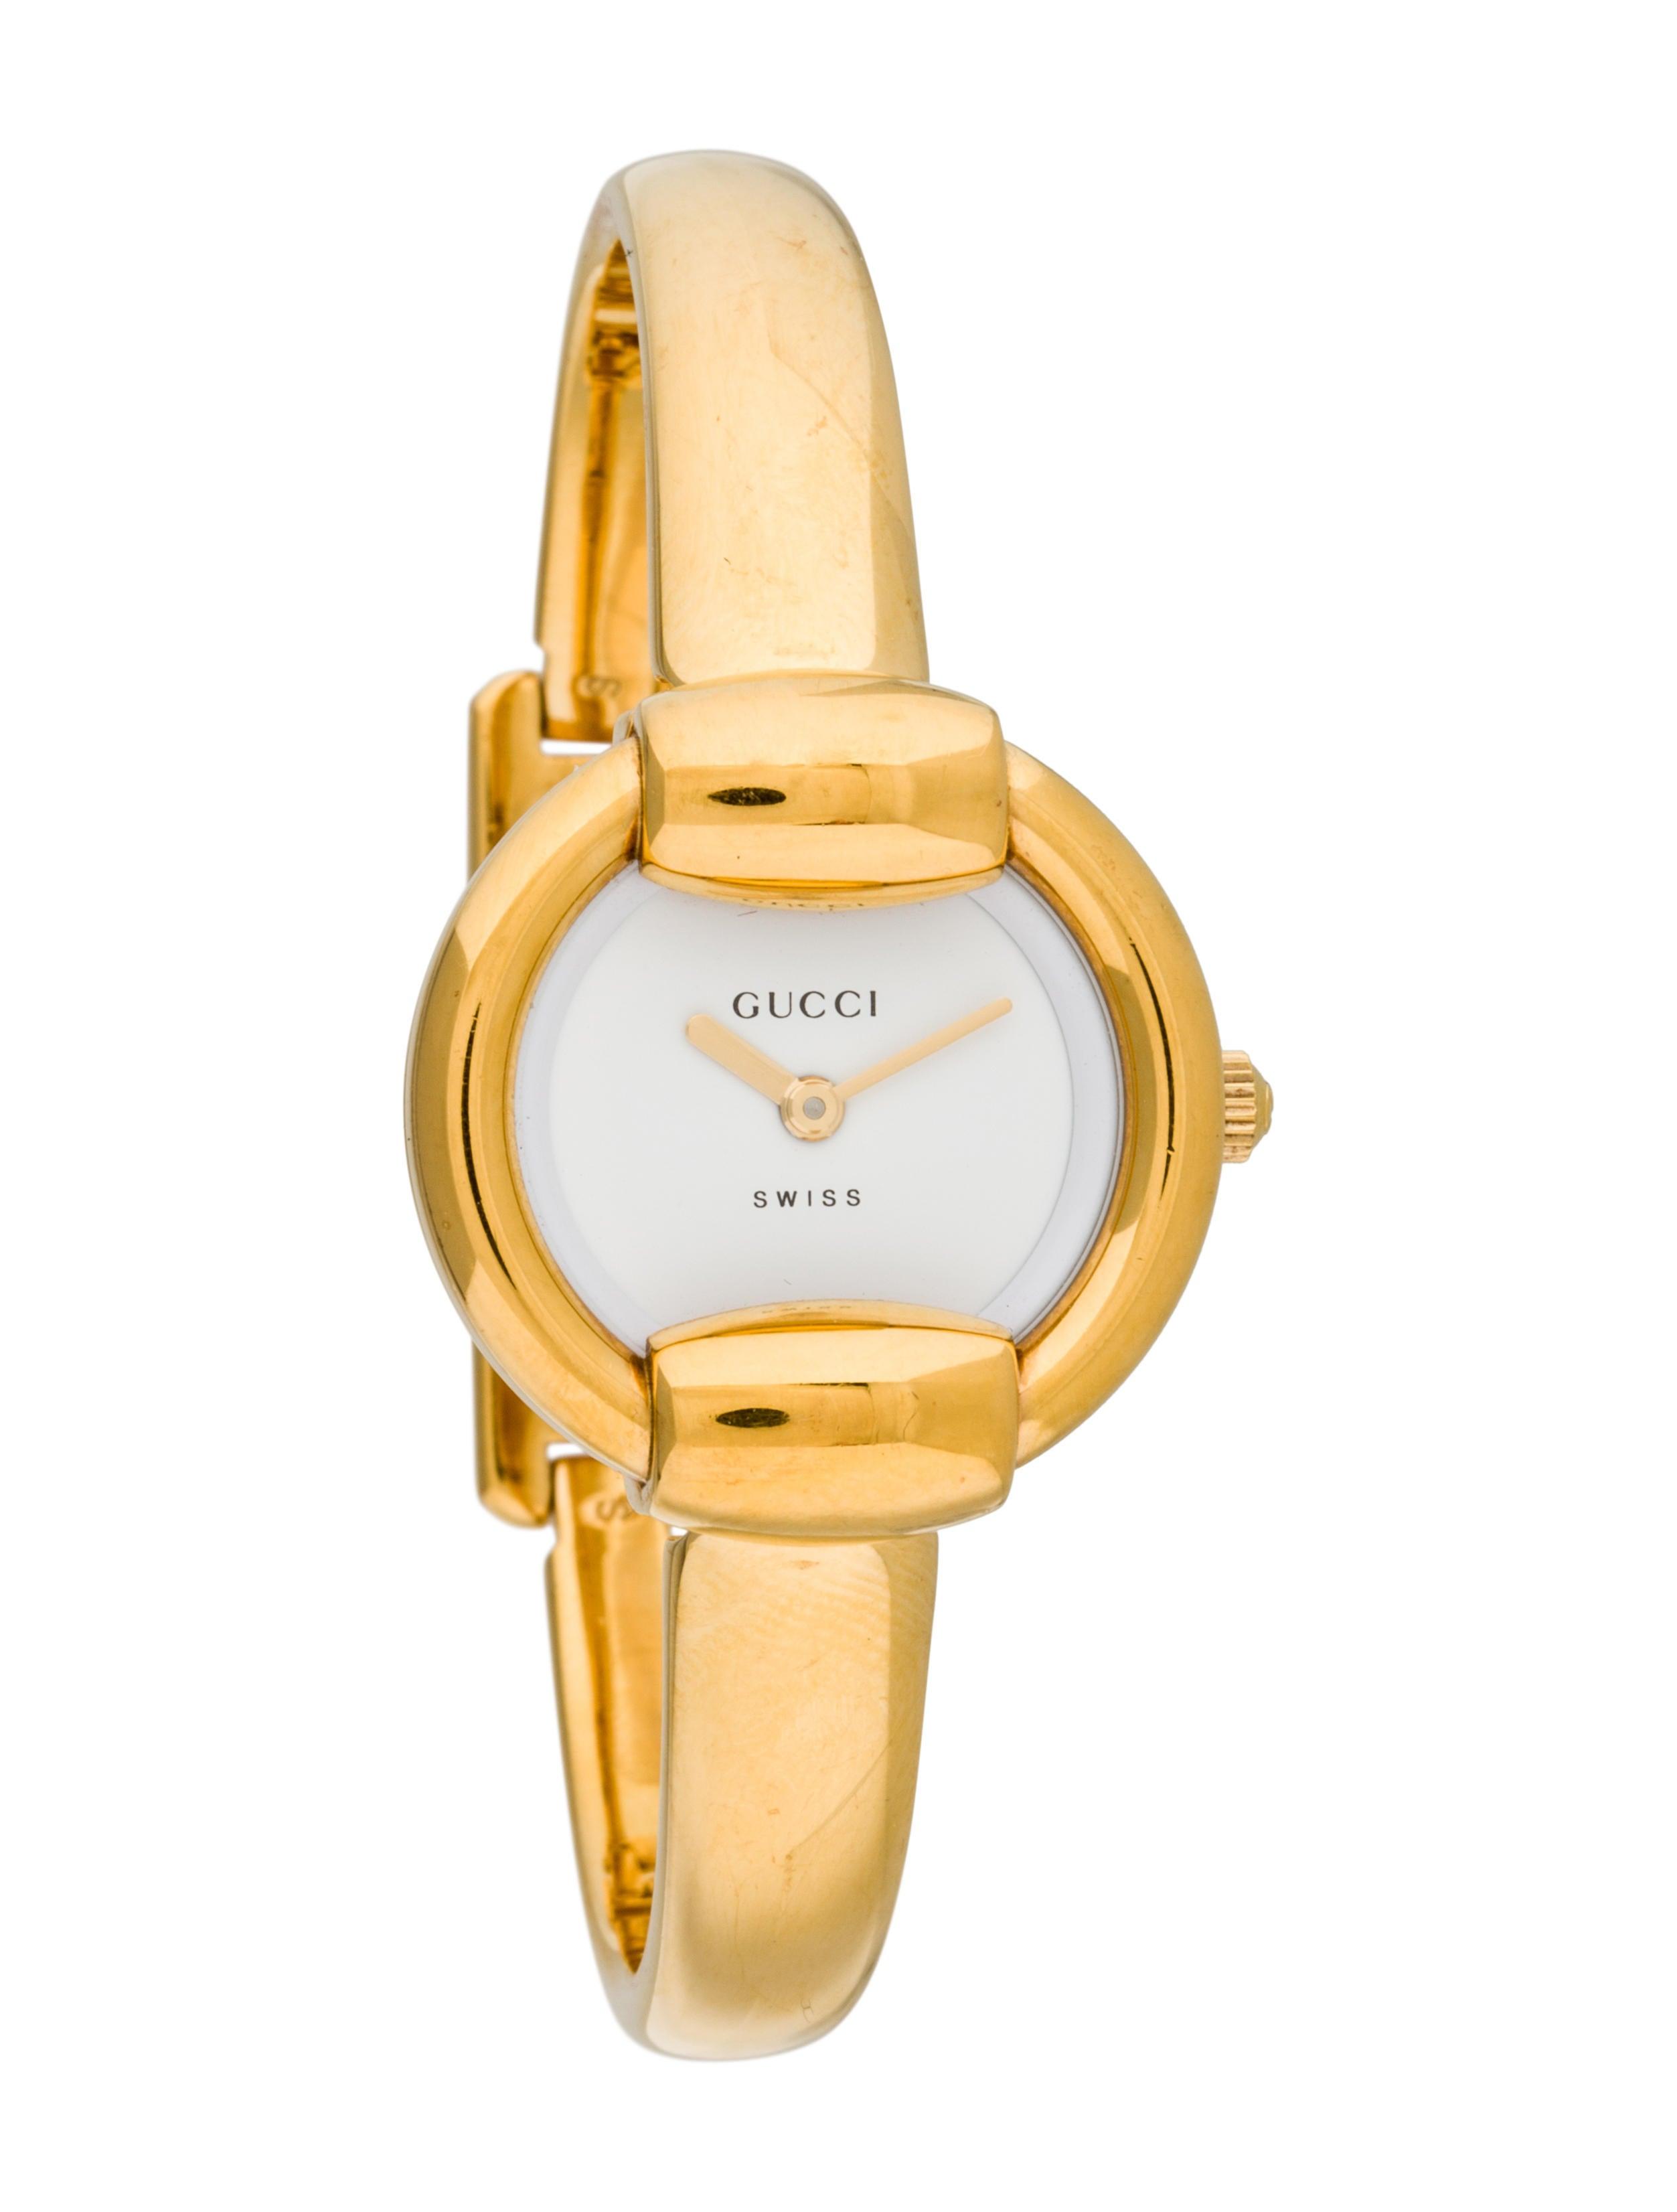 bca9fa6afa2 Gucci 1400L Watch - Bracelet - GUC97883